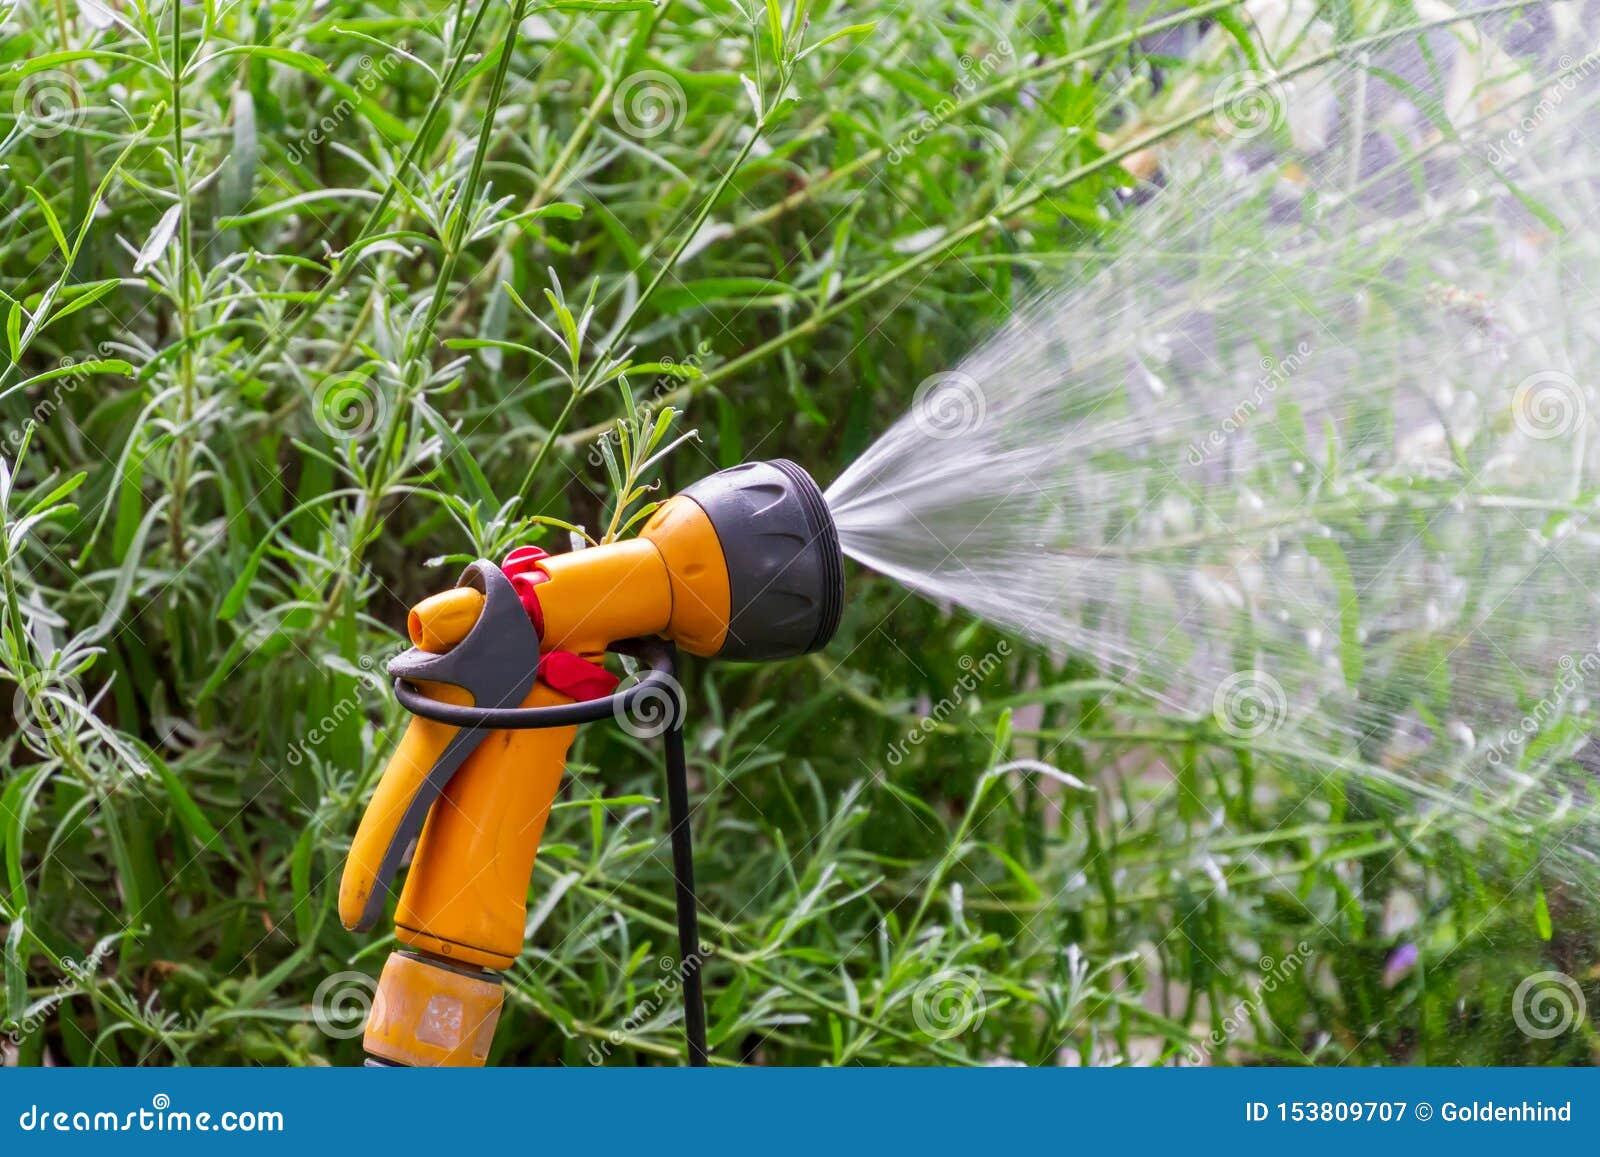 För rörbevattning för bärbar trädgård automatiskt plast- system med ett monterat duschsprejhuvud som bevattnar gräsmatta